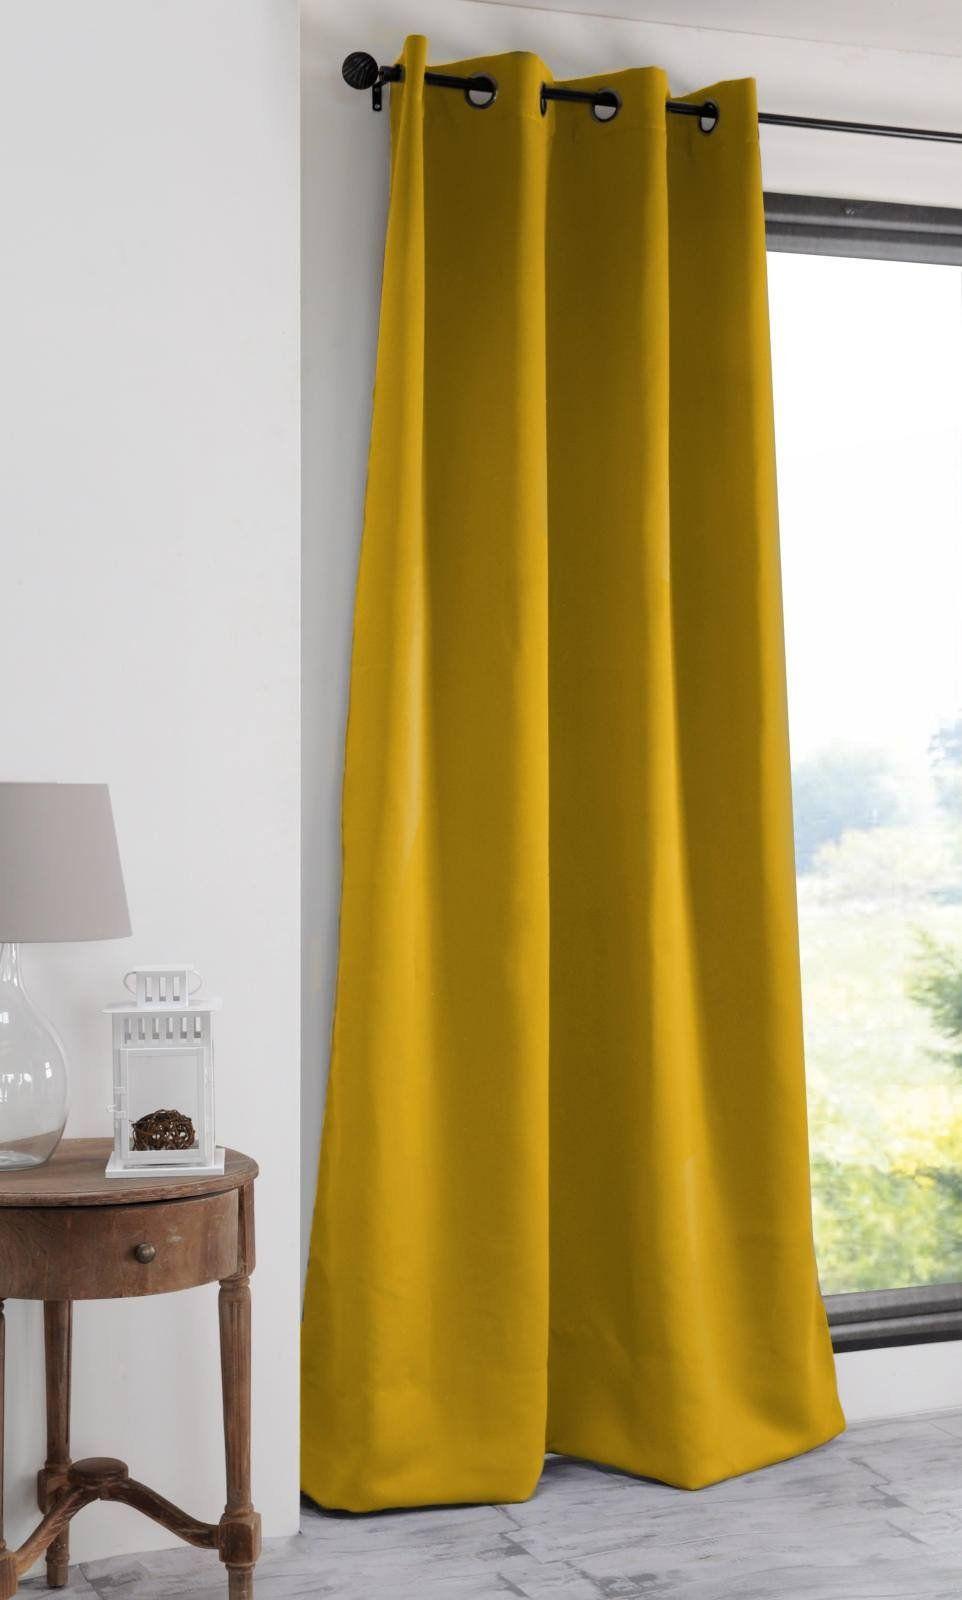 Lovely Casa Note zasłona, nieprzezroczysta, 140 x 280 cm, poliester, musztardowa żółta